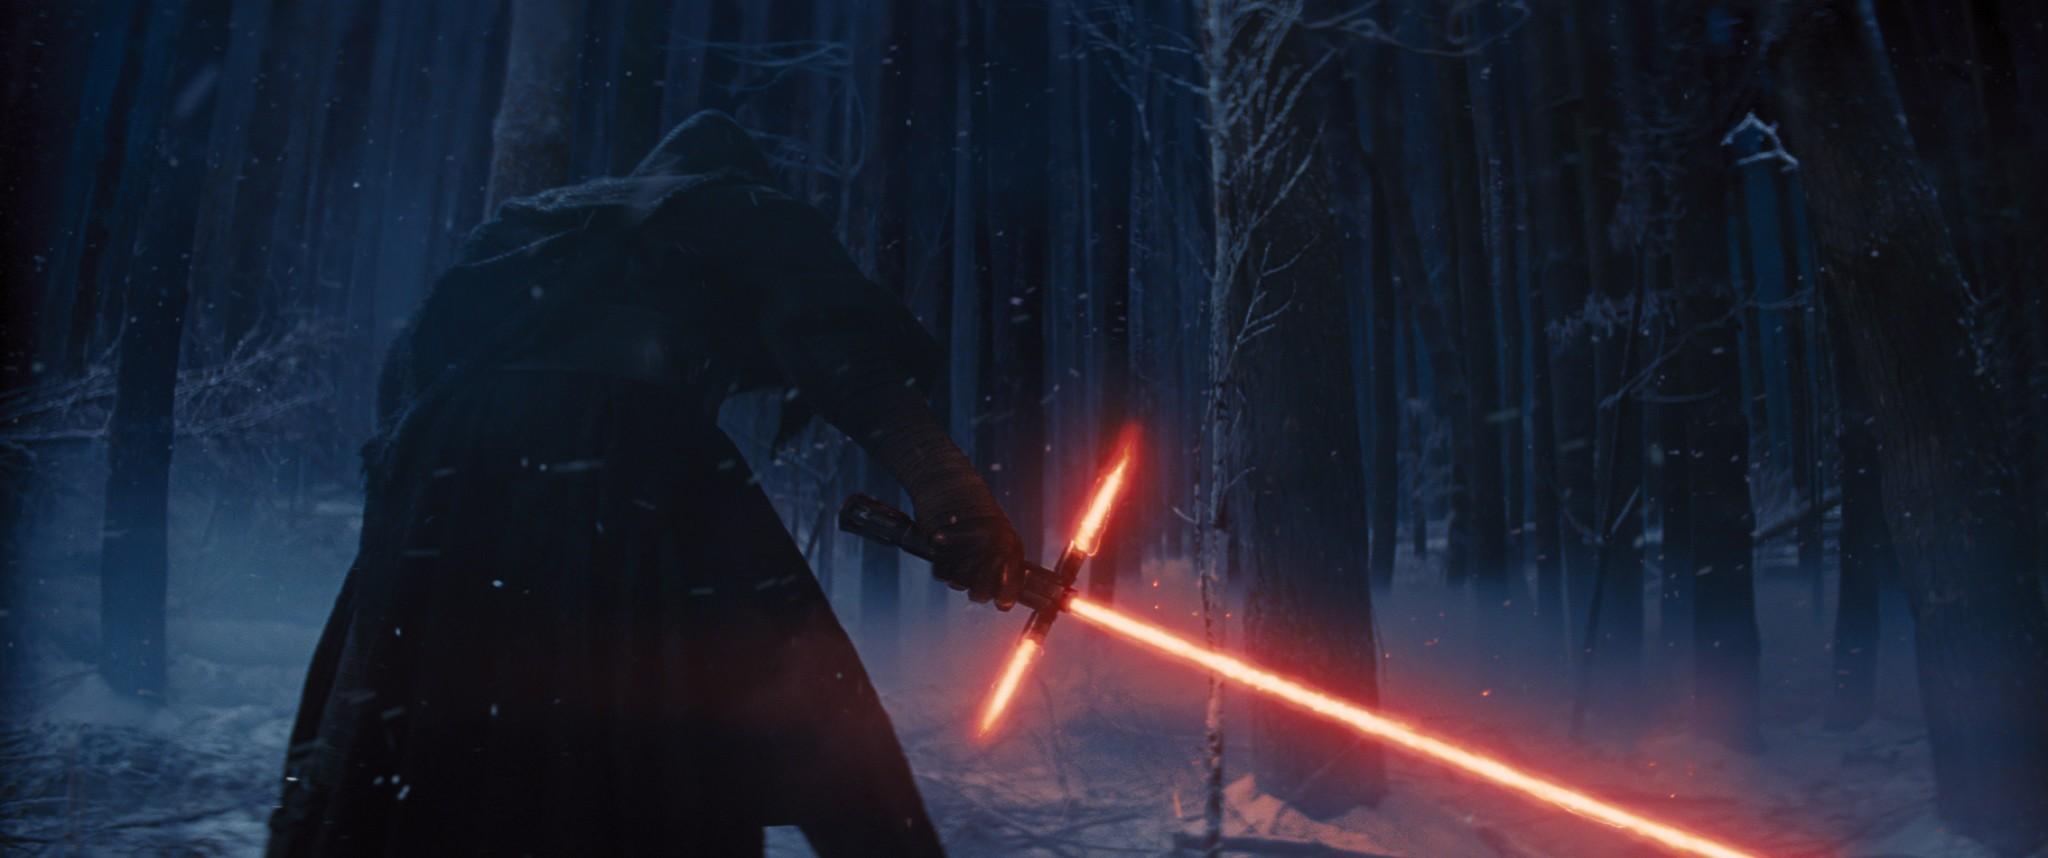 кадры из фильма Звездные Войны: Пробуждение Силы